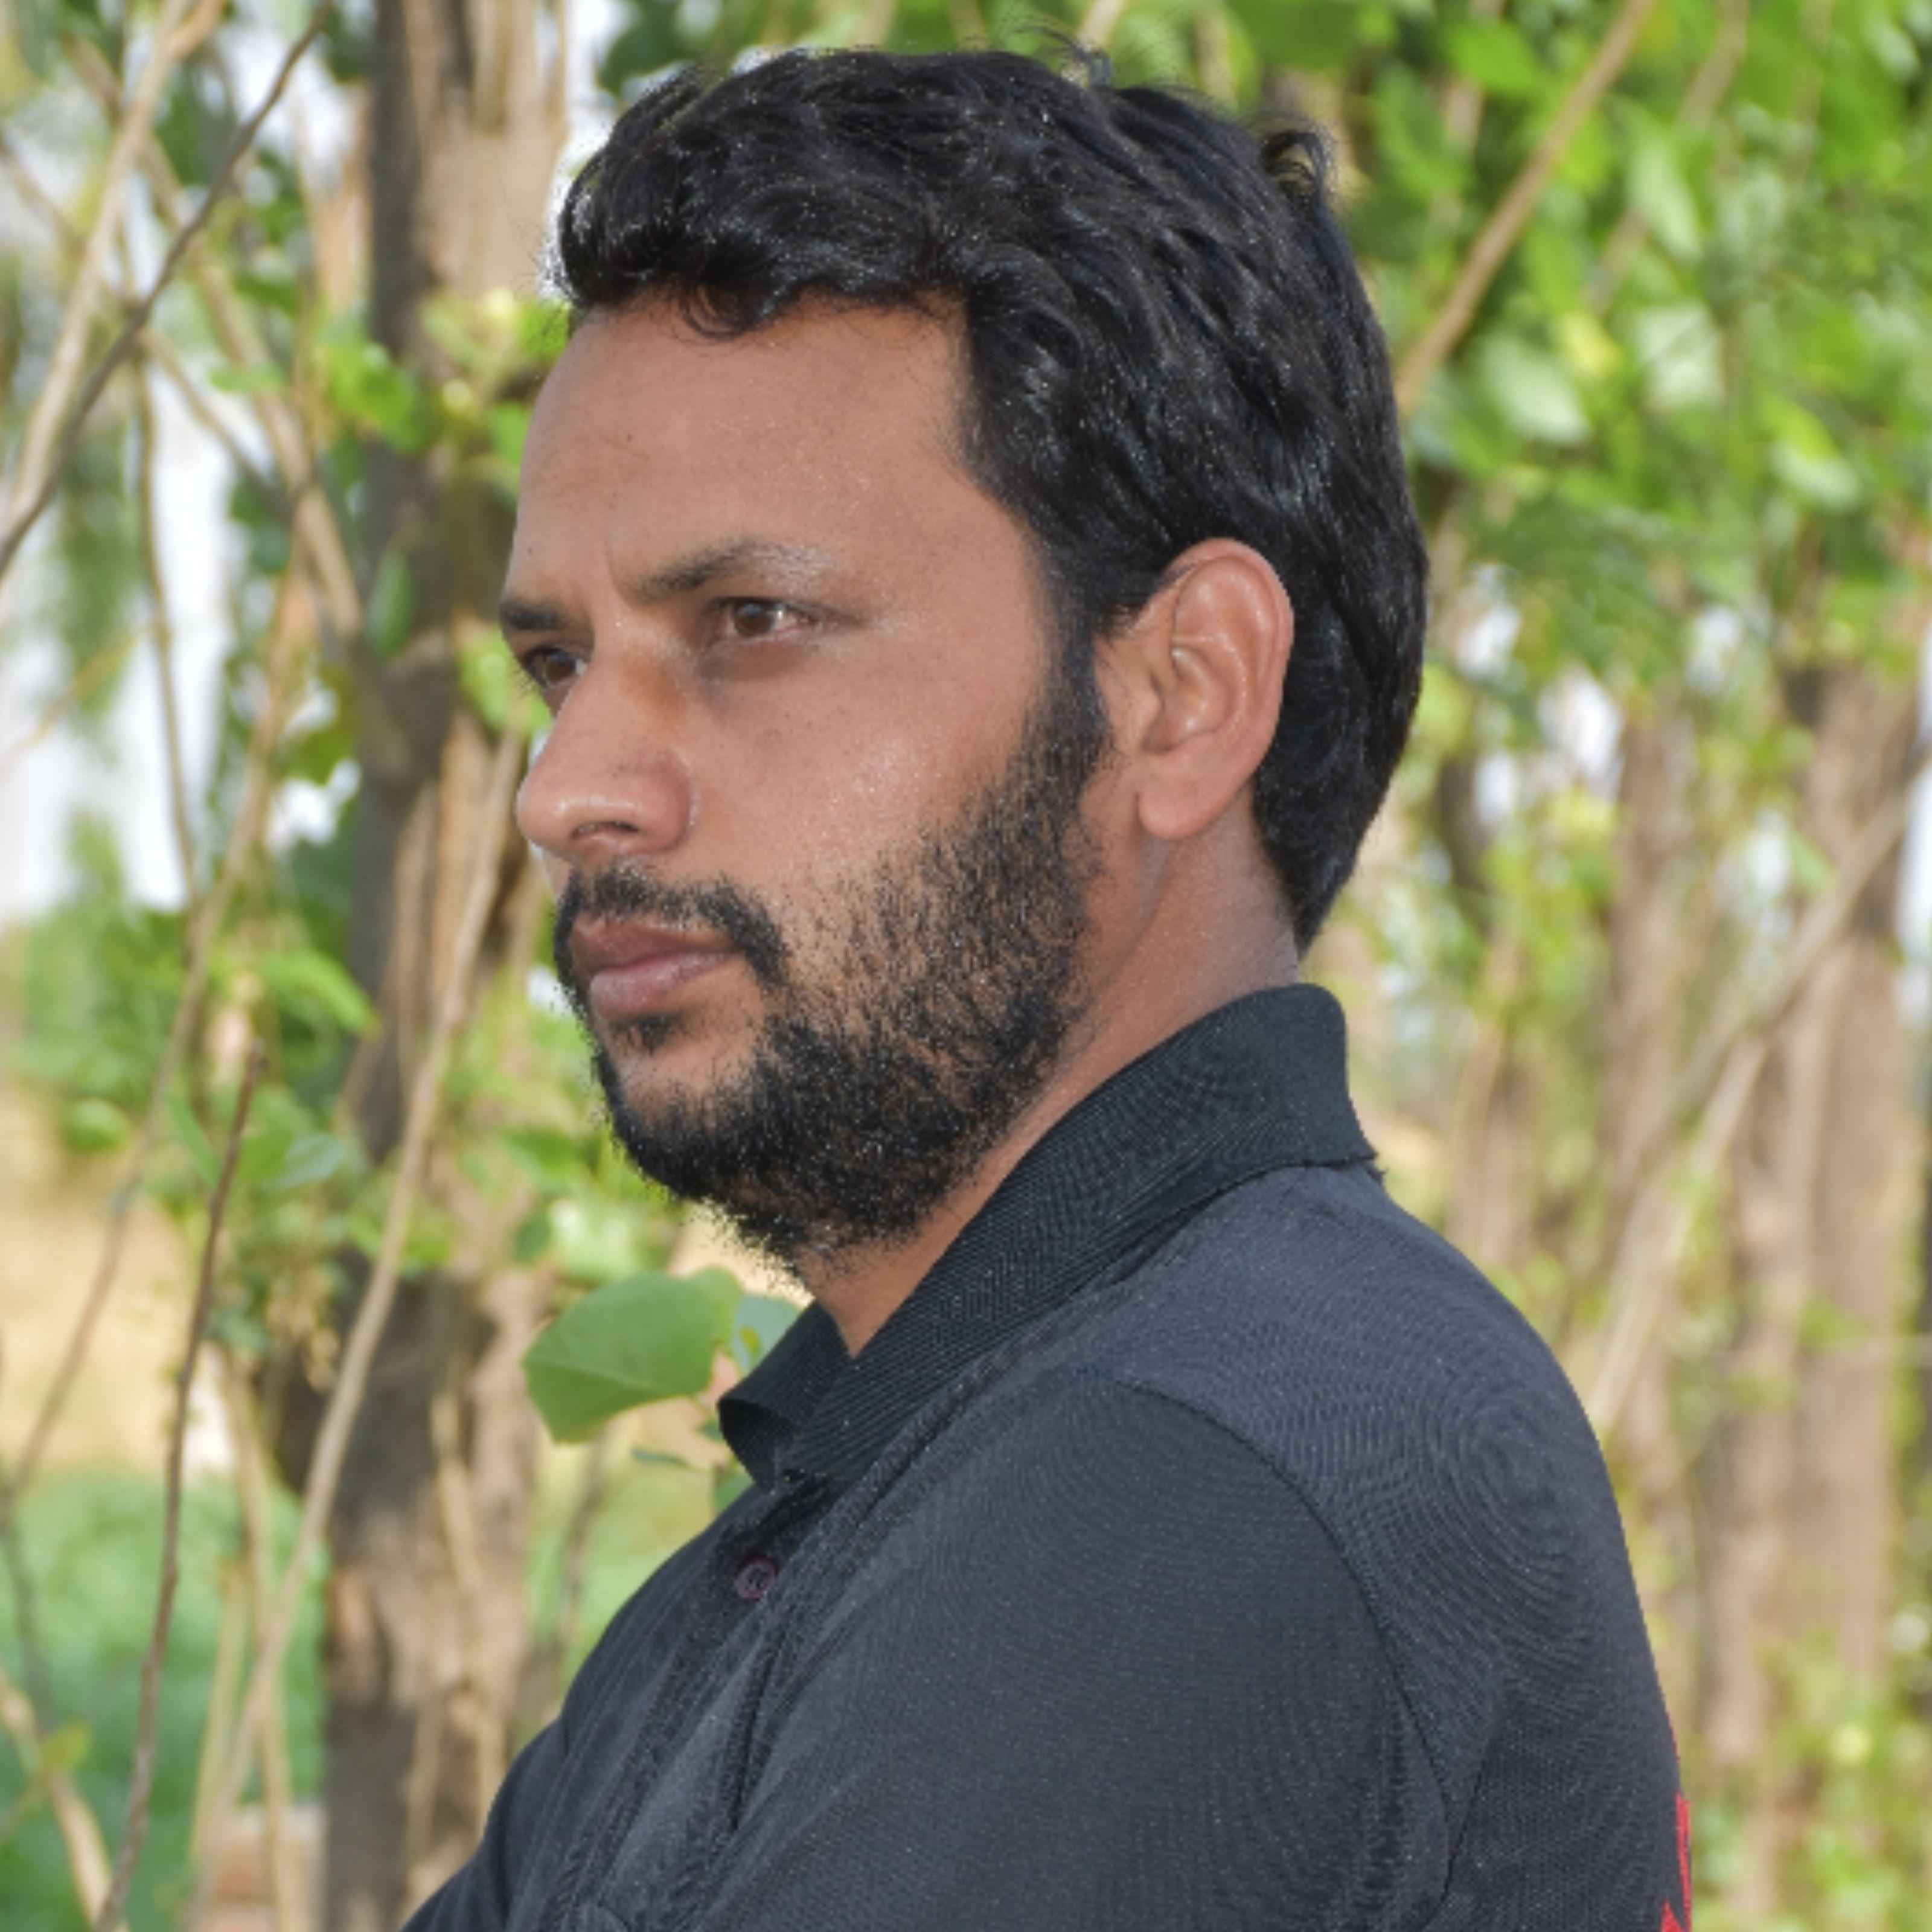 Narendra Singh Jaat